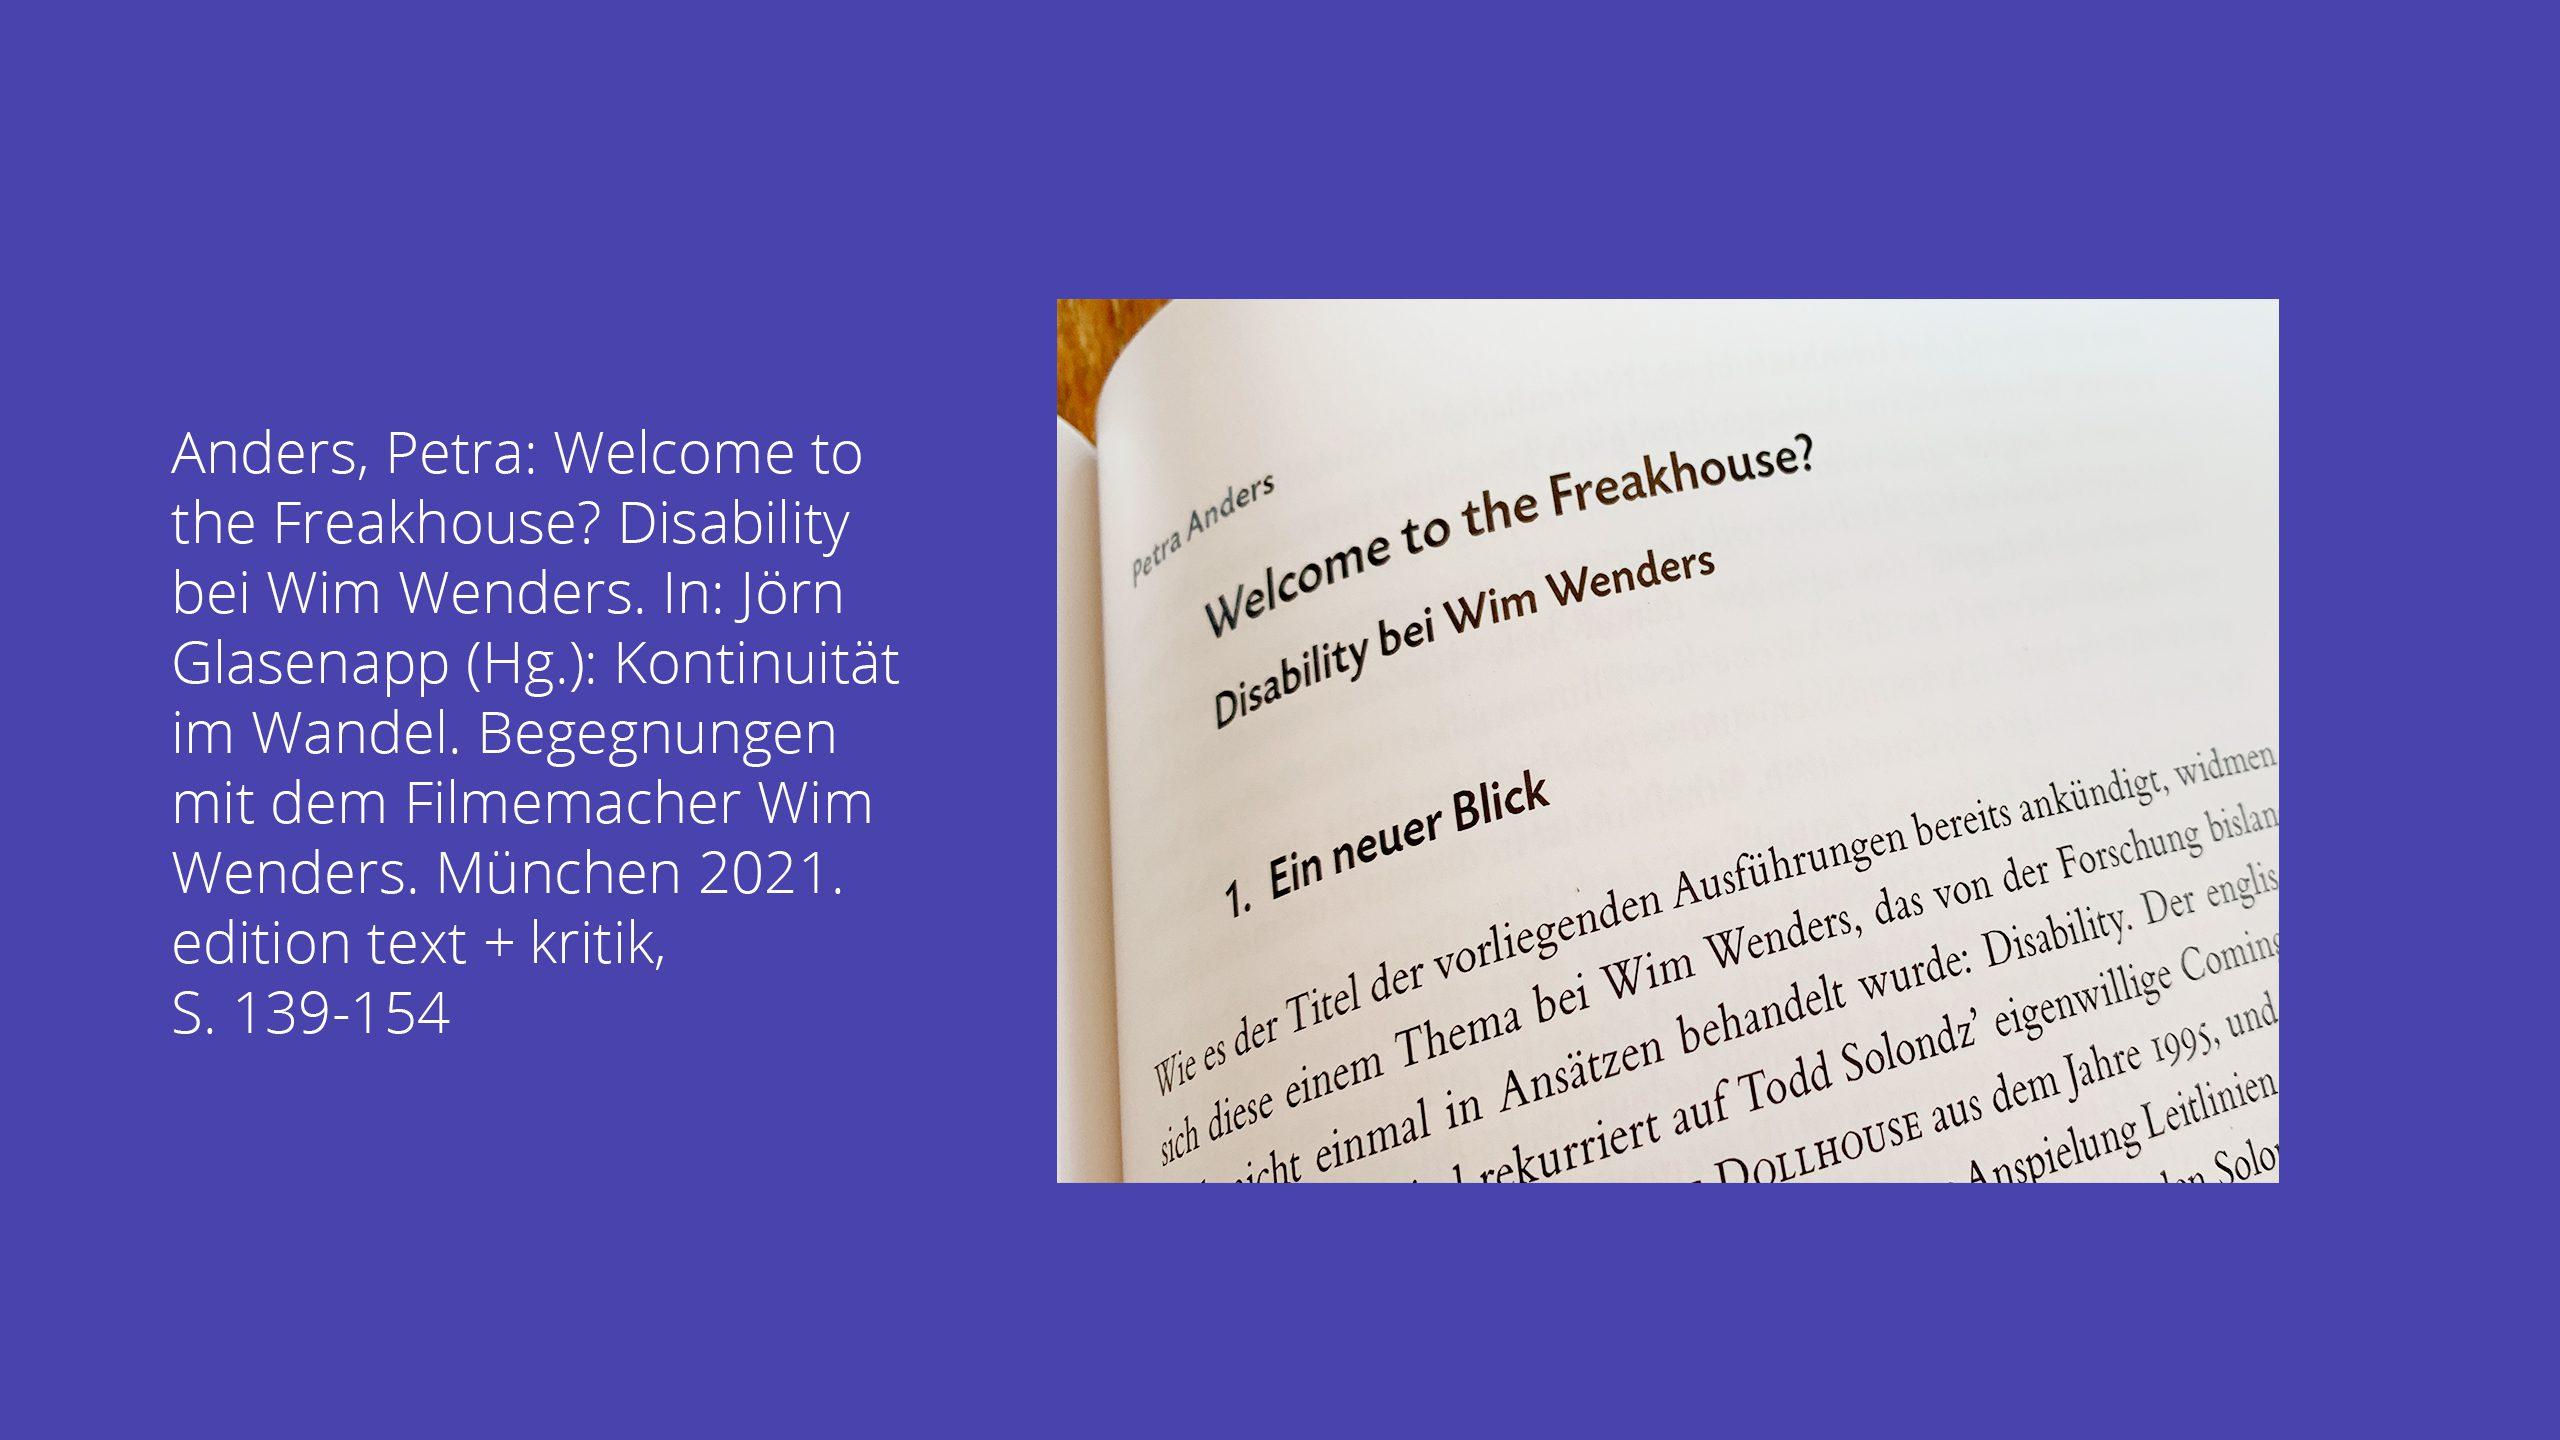 Petra Anders: Welcome to the Freakhouse? Disability bei Wim Wenders. In: Jörn Glasenapp (Hg.): Kontinuität im Wandel. Begegnungen mit dem Filmemacher Wim Wenders. München 2021. edition text +kritik, S. 139-154